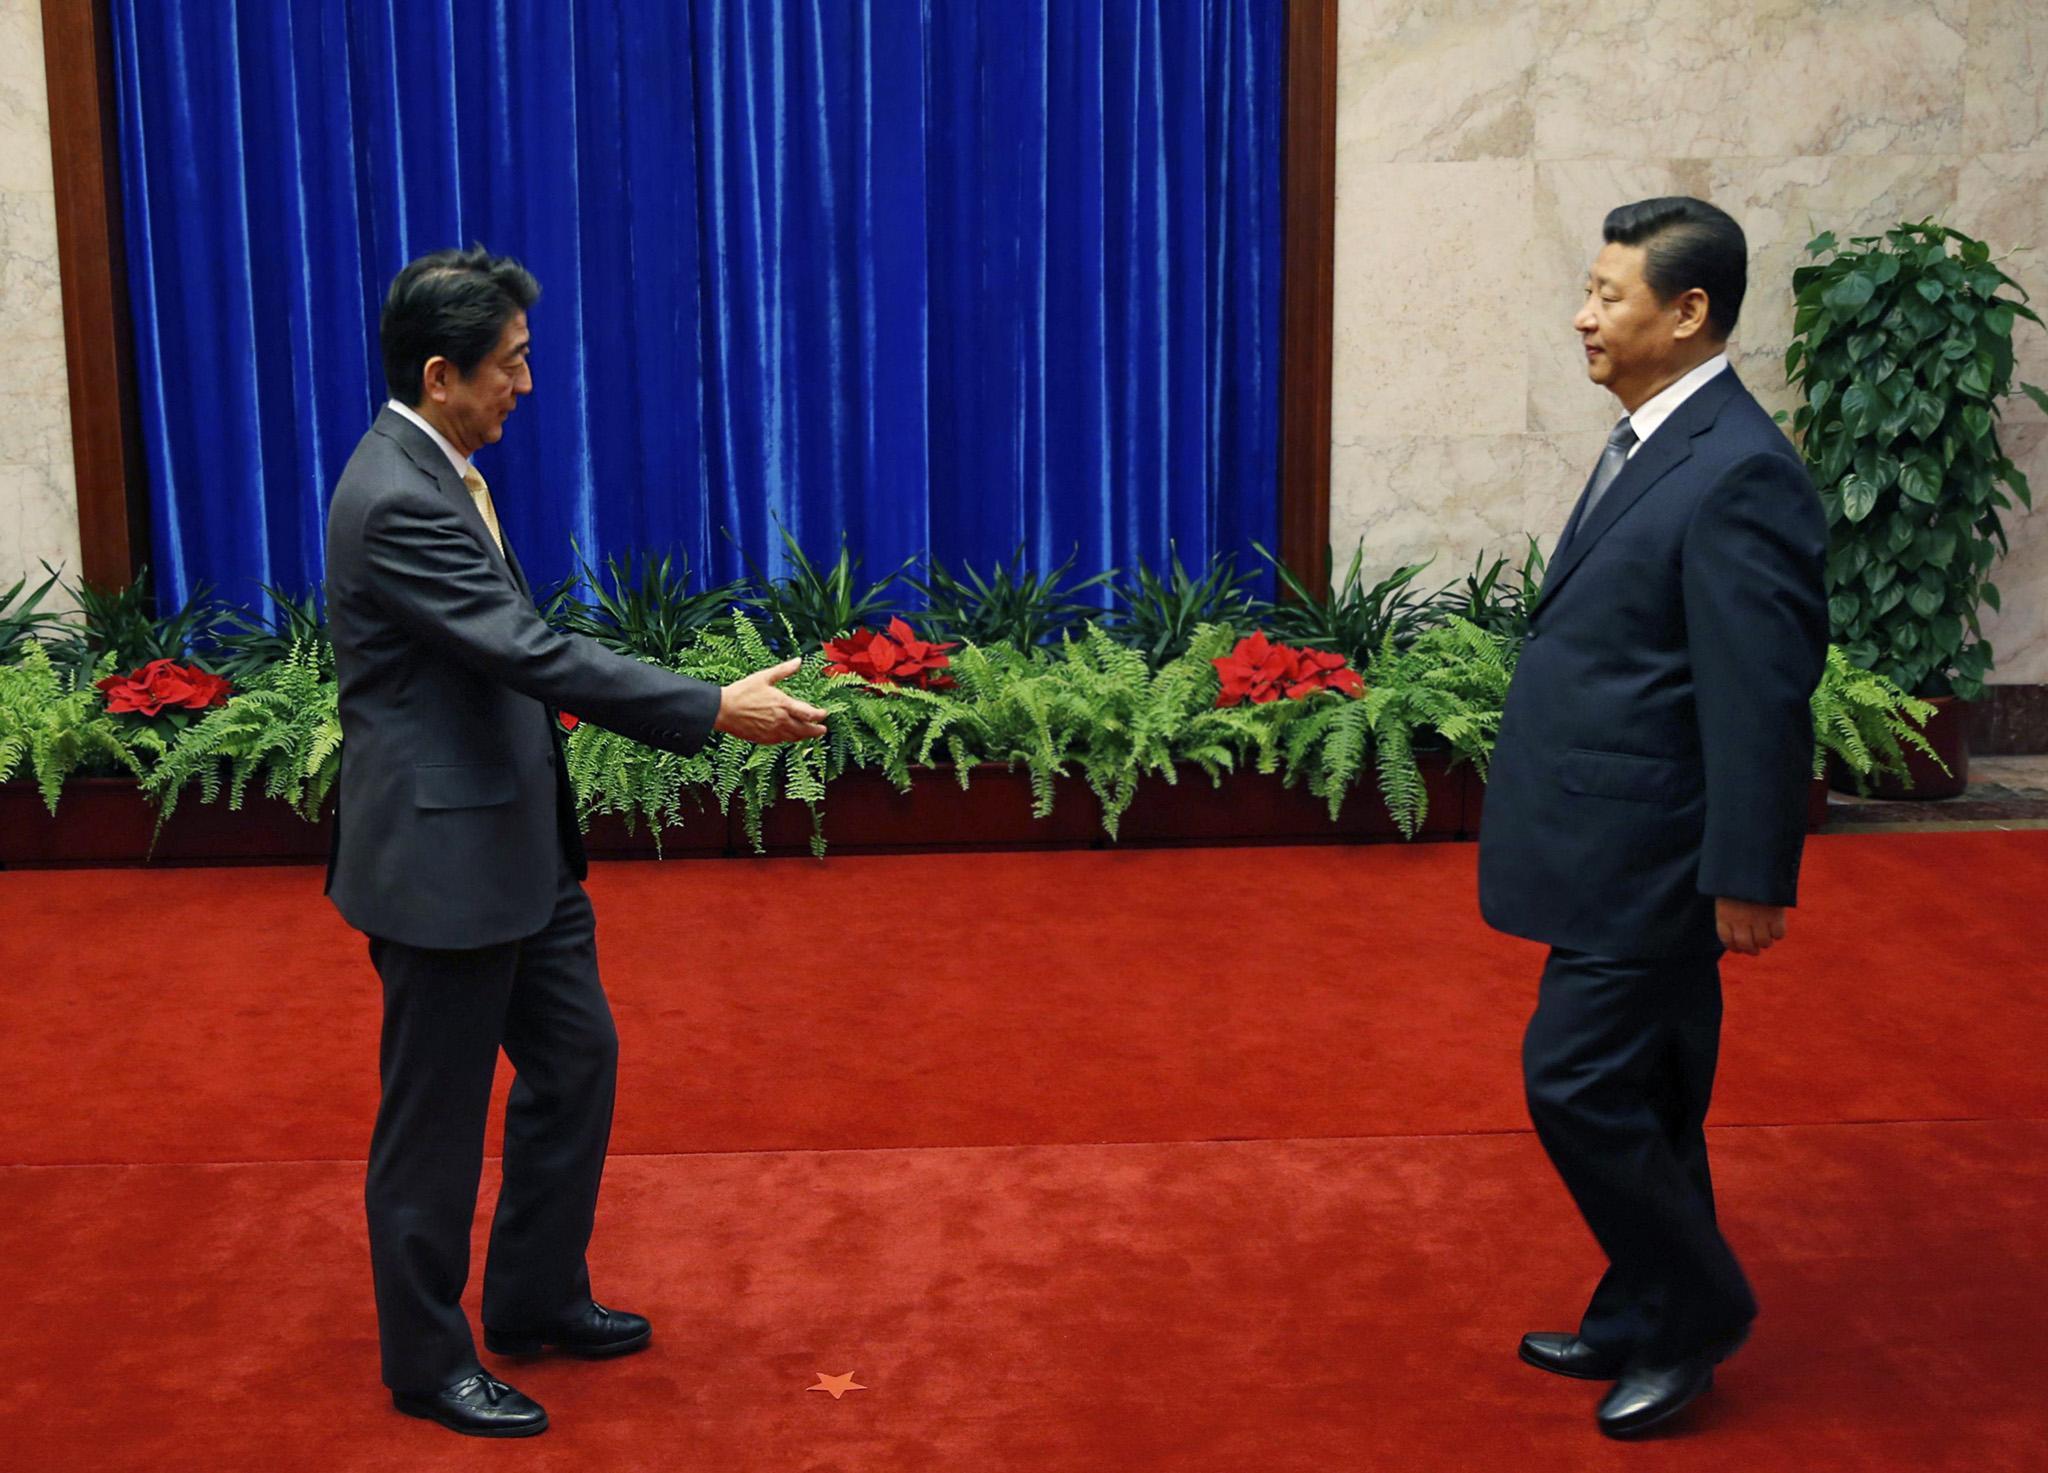 Análise | Relações sino-japonesas em mudança?